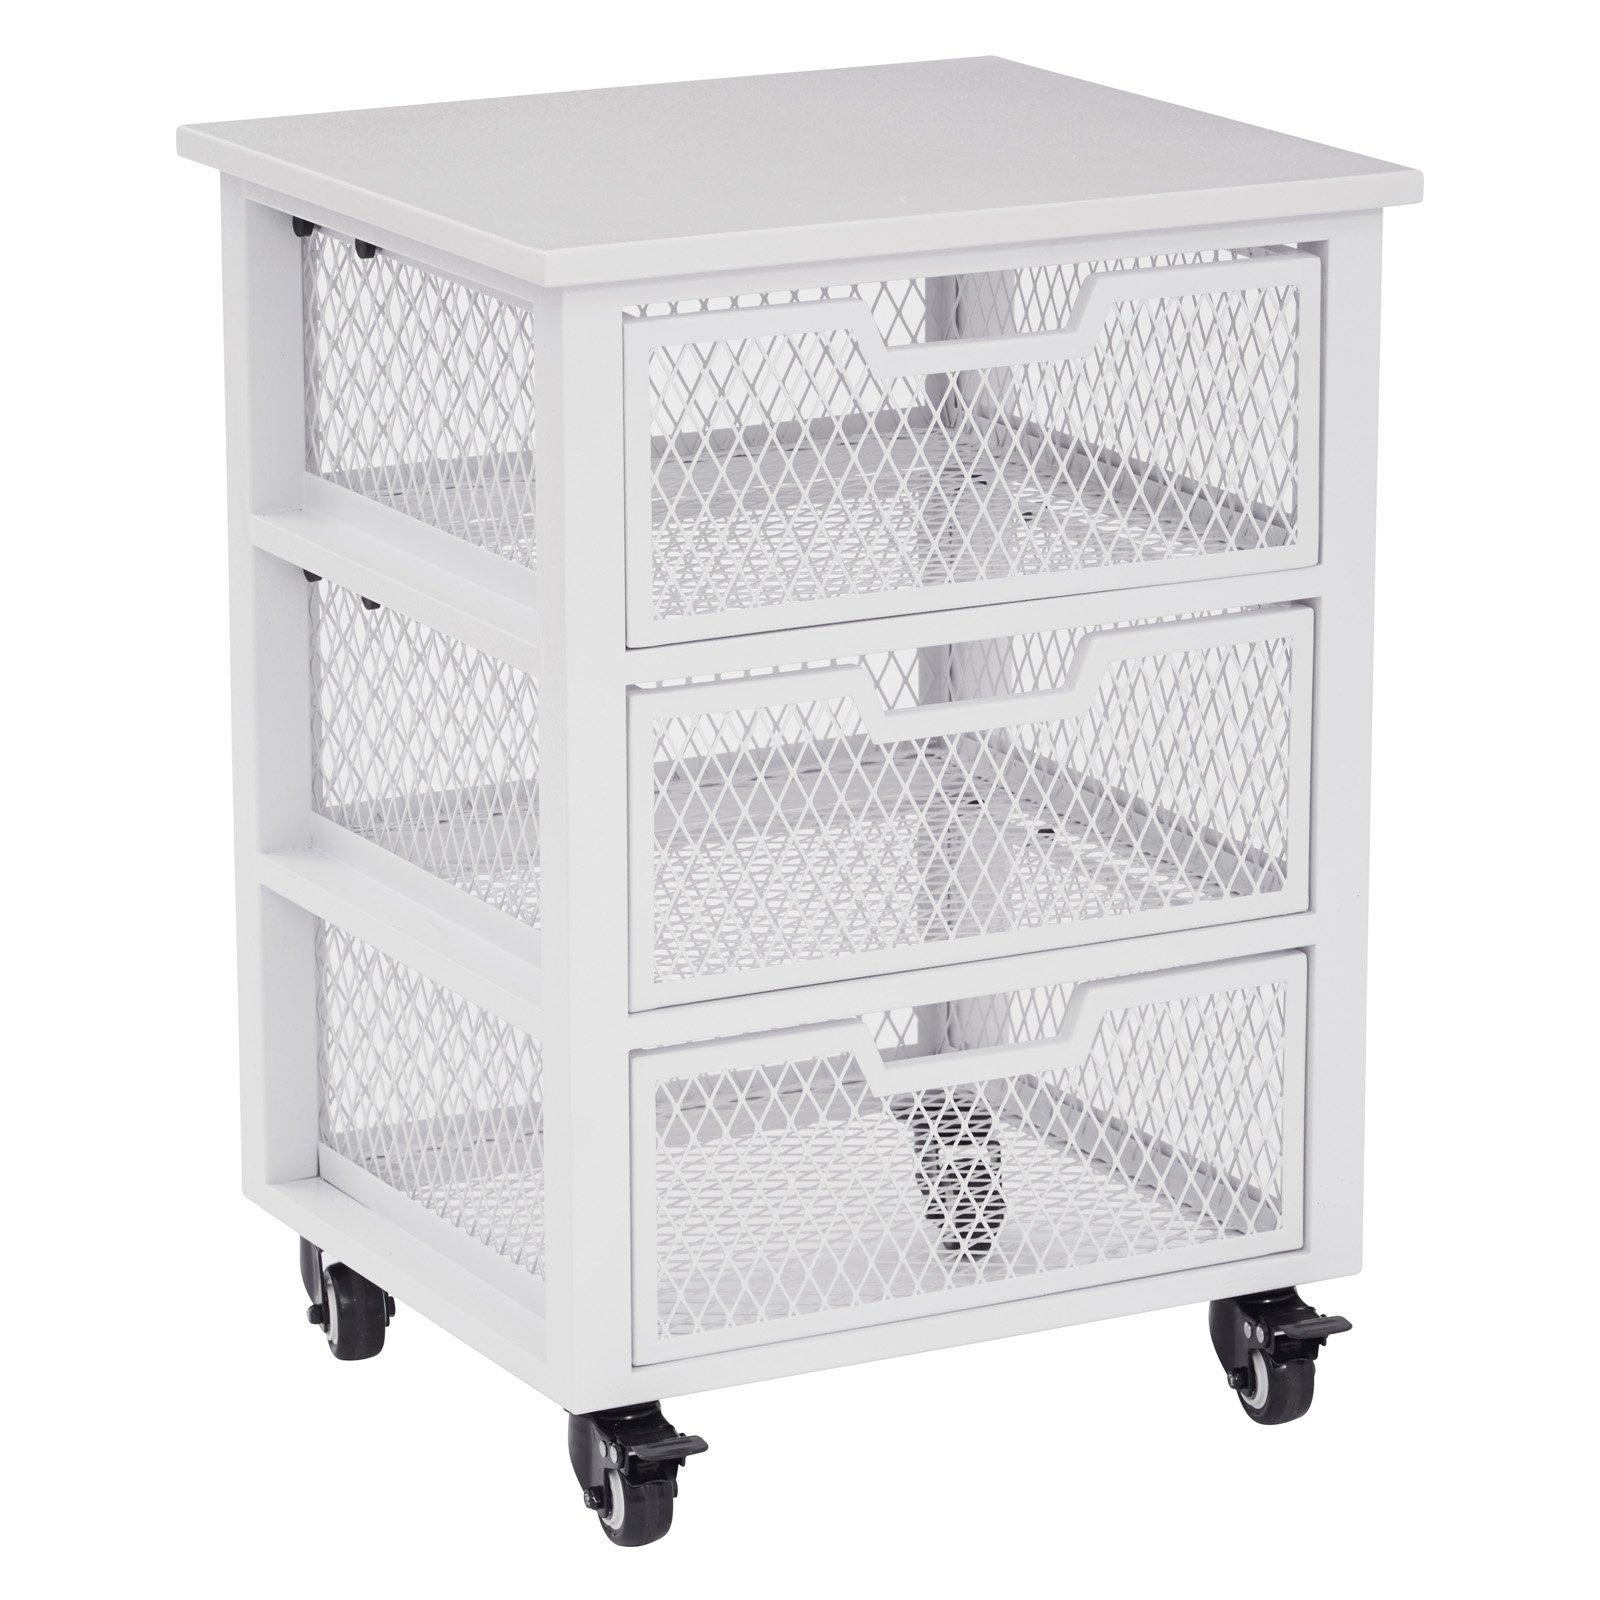 Osp Designs 3 Drawer Metal Filing Cart, White